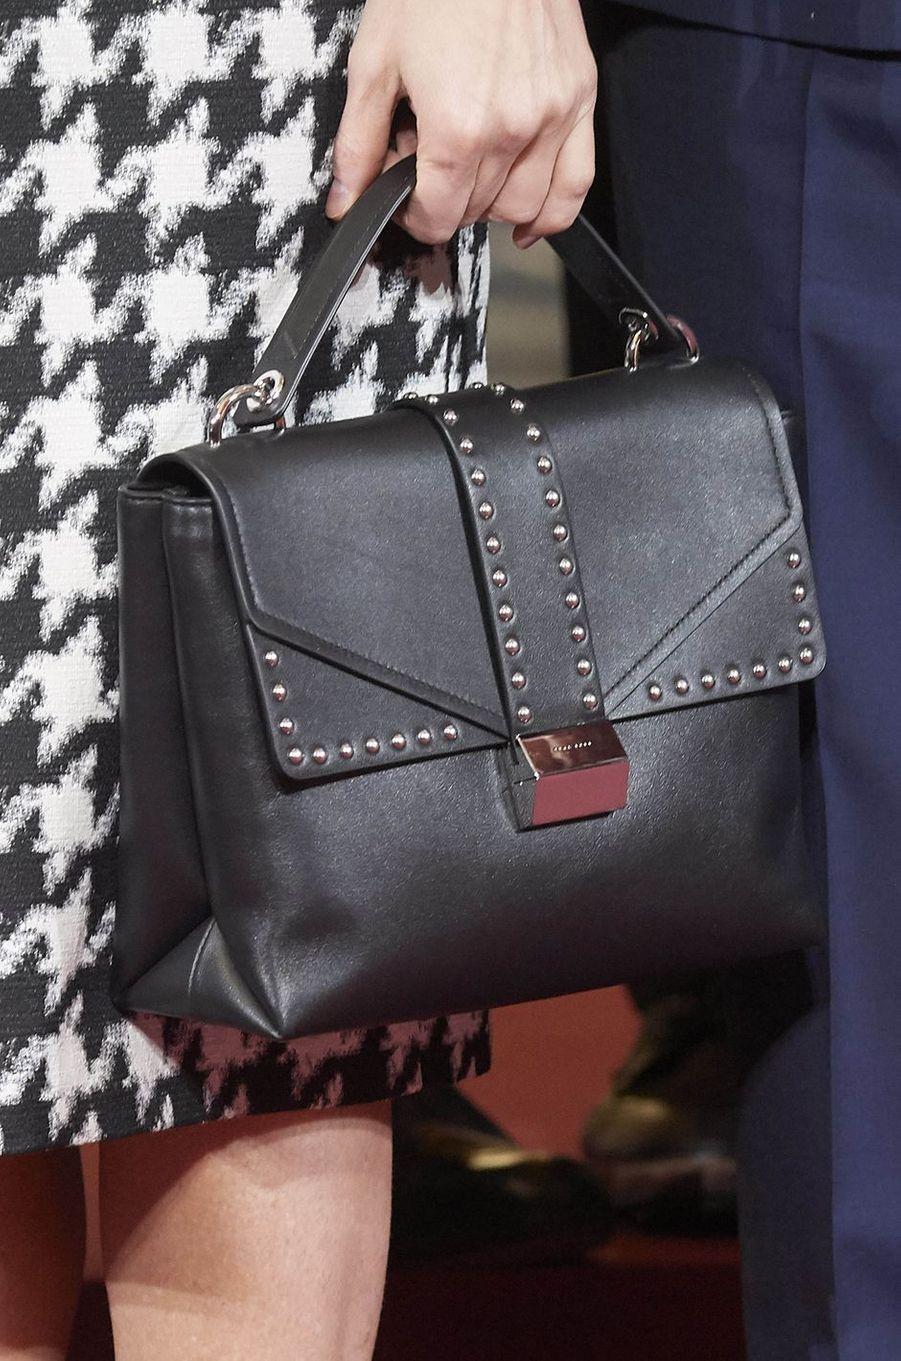 Le sac de la reine Letizia d'Espagne à Cordoue, le 18 février 2019